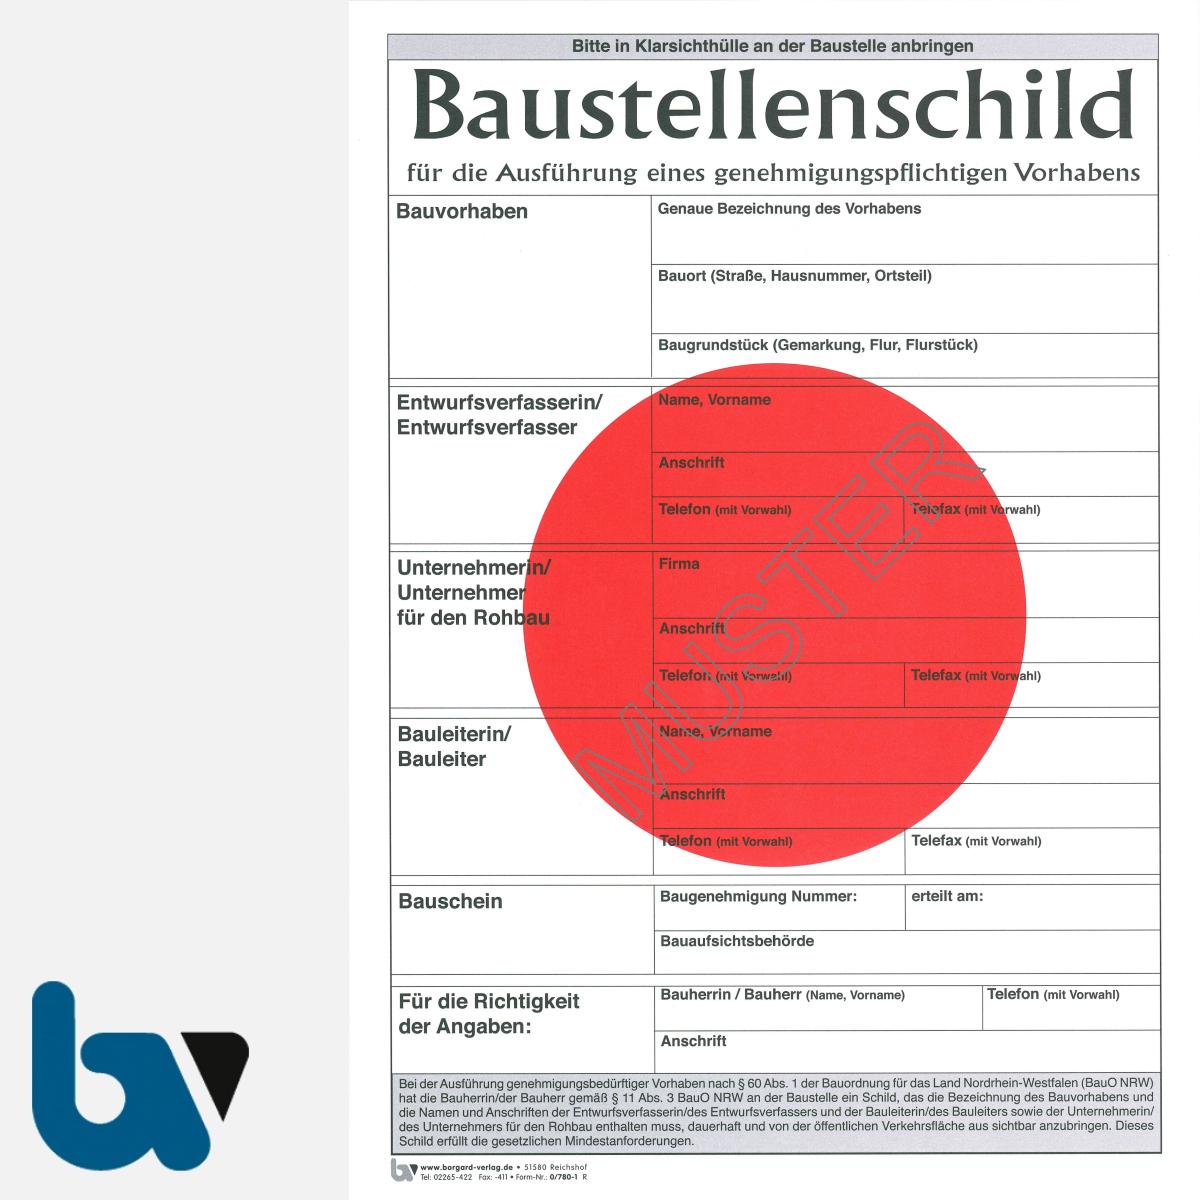 0/780-1 Baustellenschild roter Punkt NRW Bauordnung genehmigungspflichtig Vorhaben Karton DIN A4 Vorderseite | Borgard Verlag GmbH